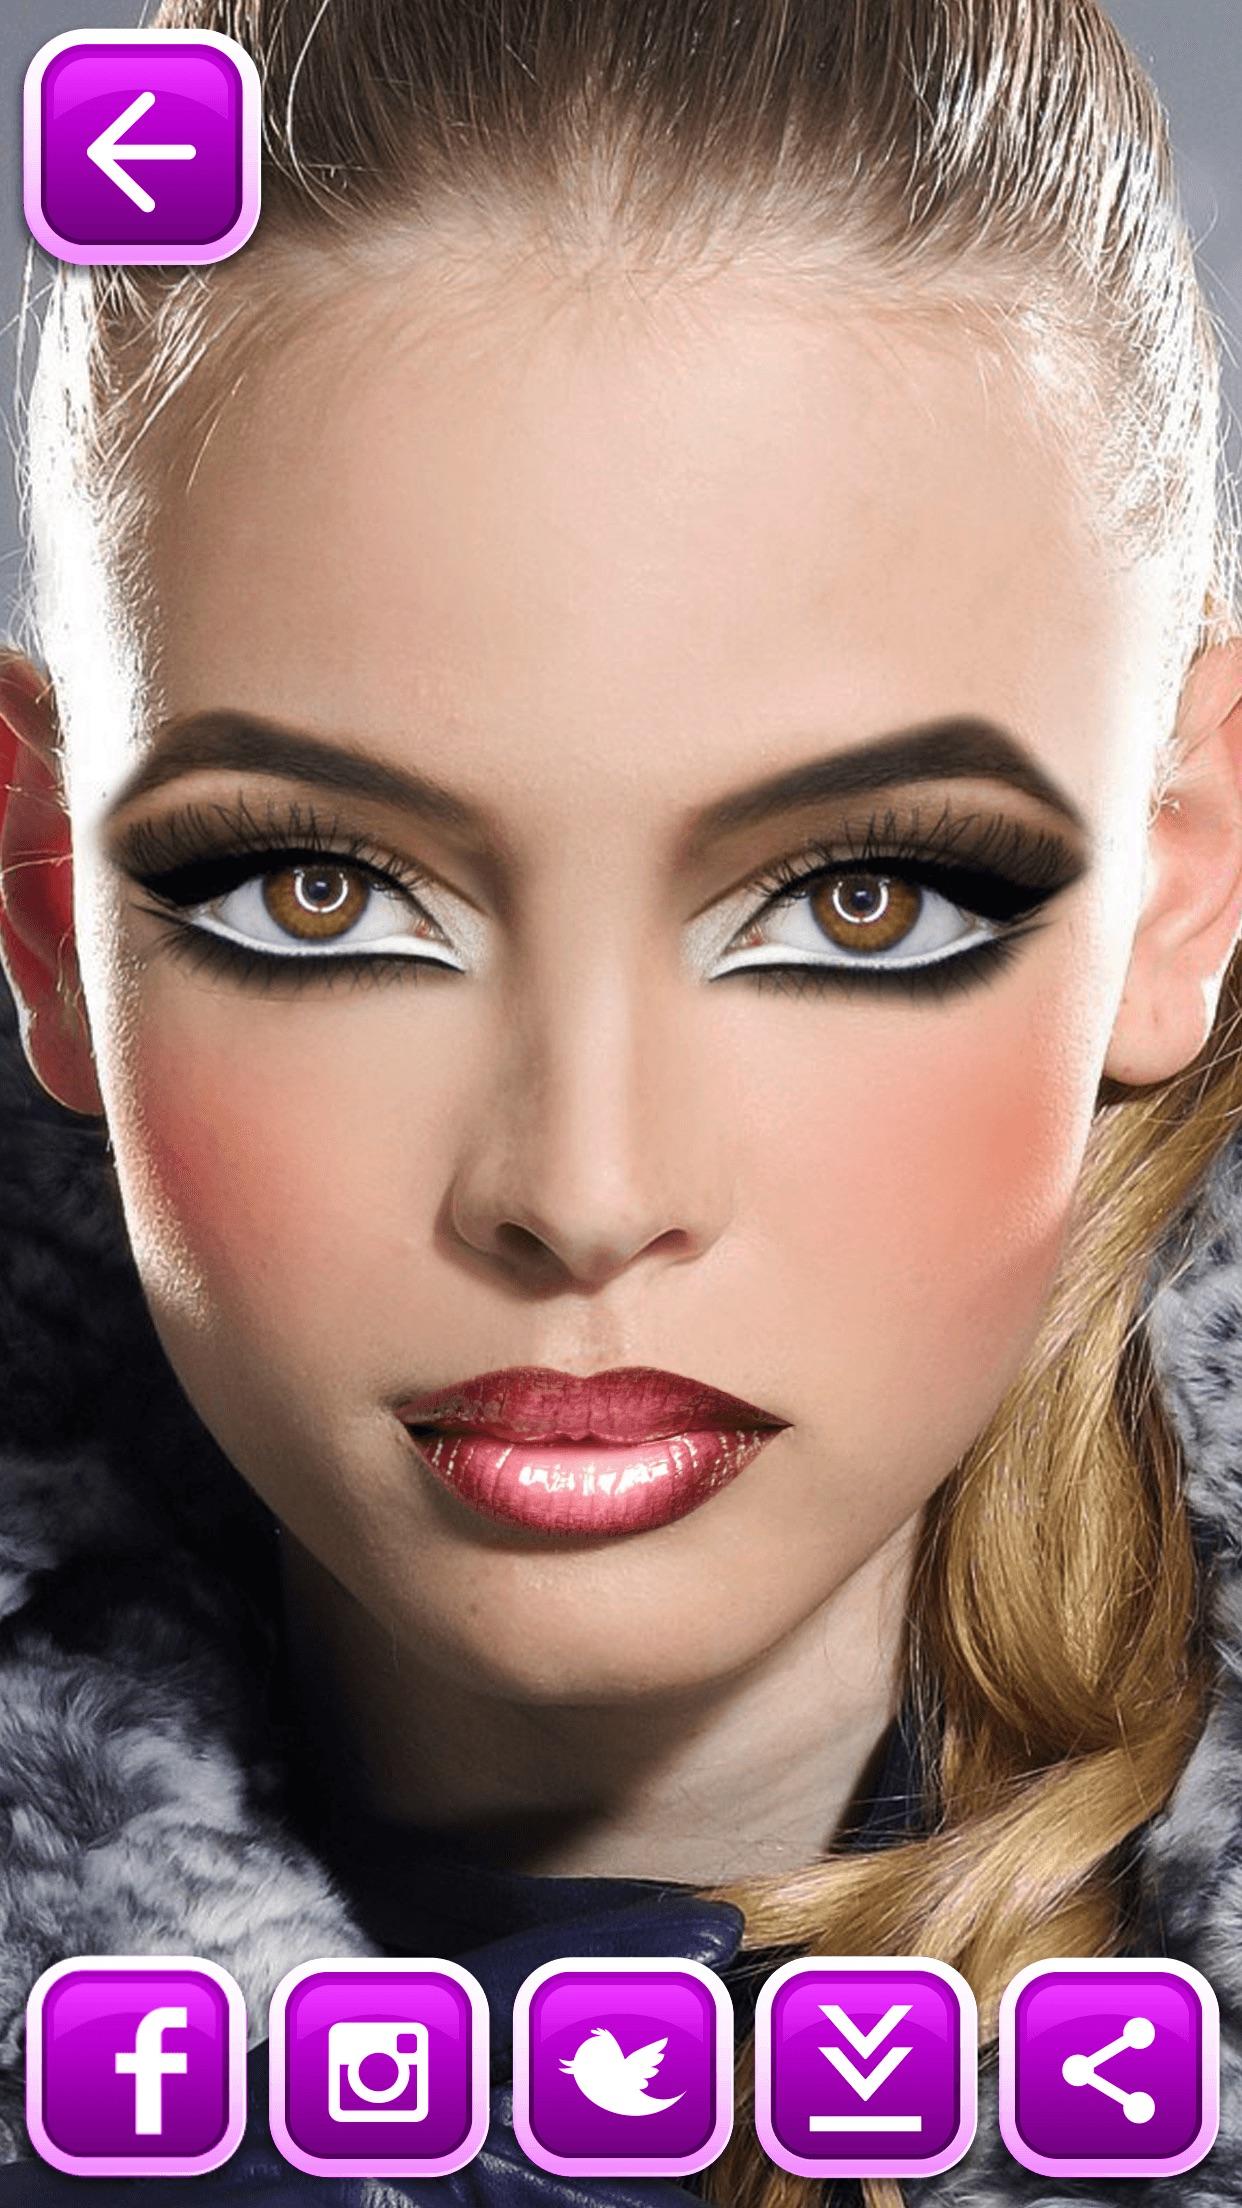 Фото макияж редактор i